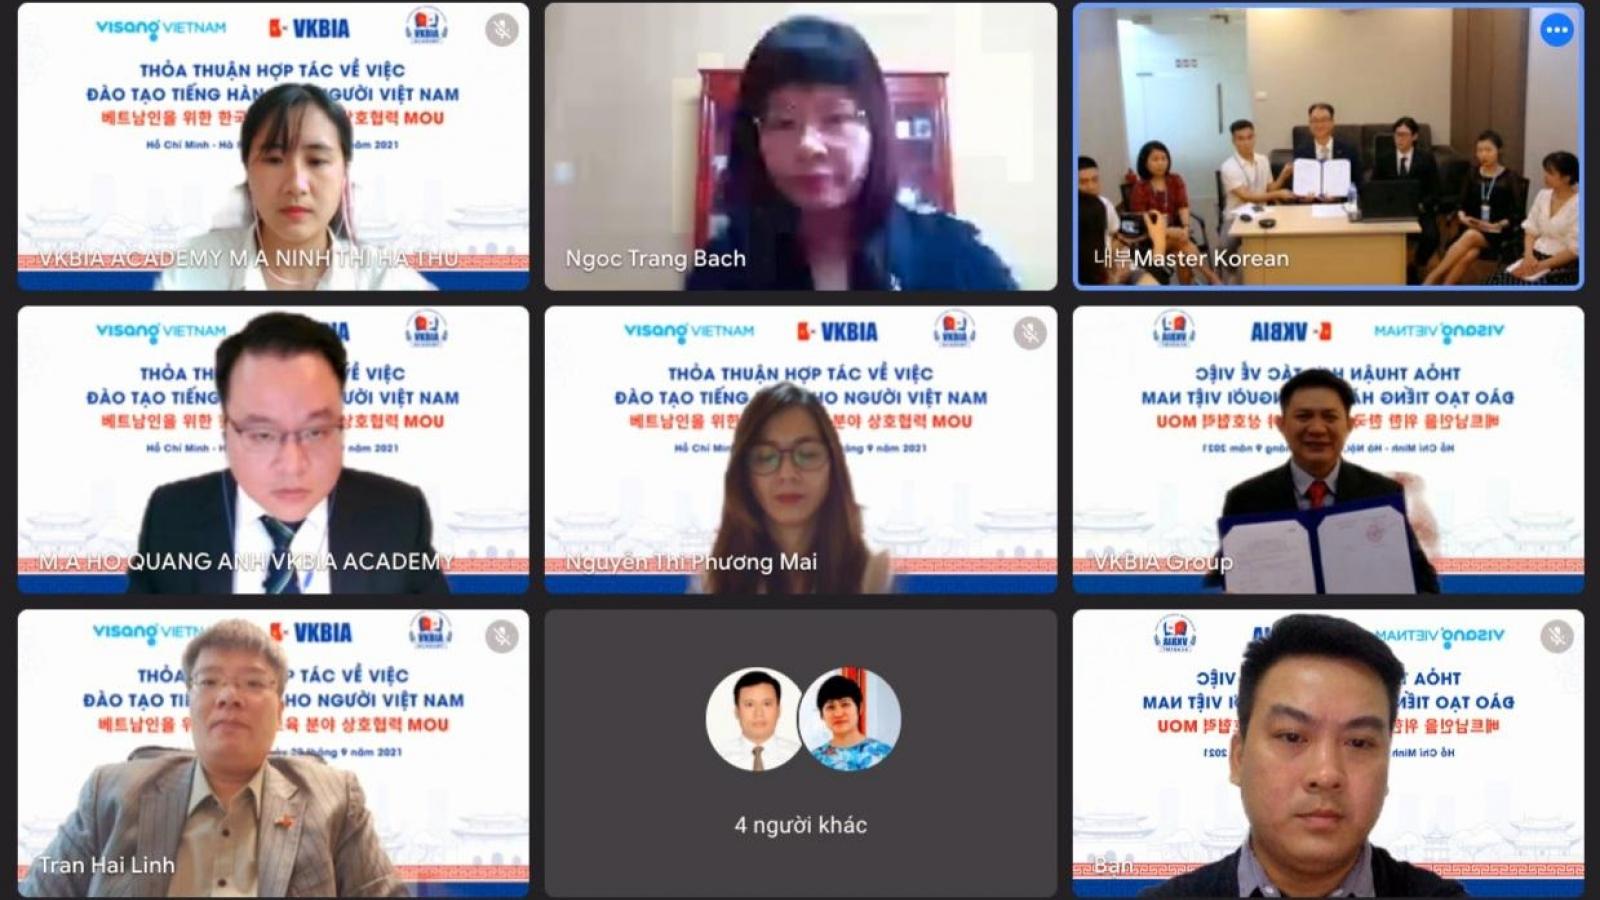 Hợp tác đào tạo nguồn nhân lực có trình độ ngôn ngữ Hàn Quốc